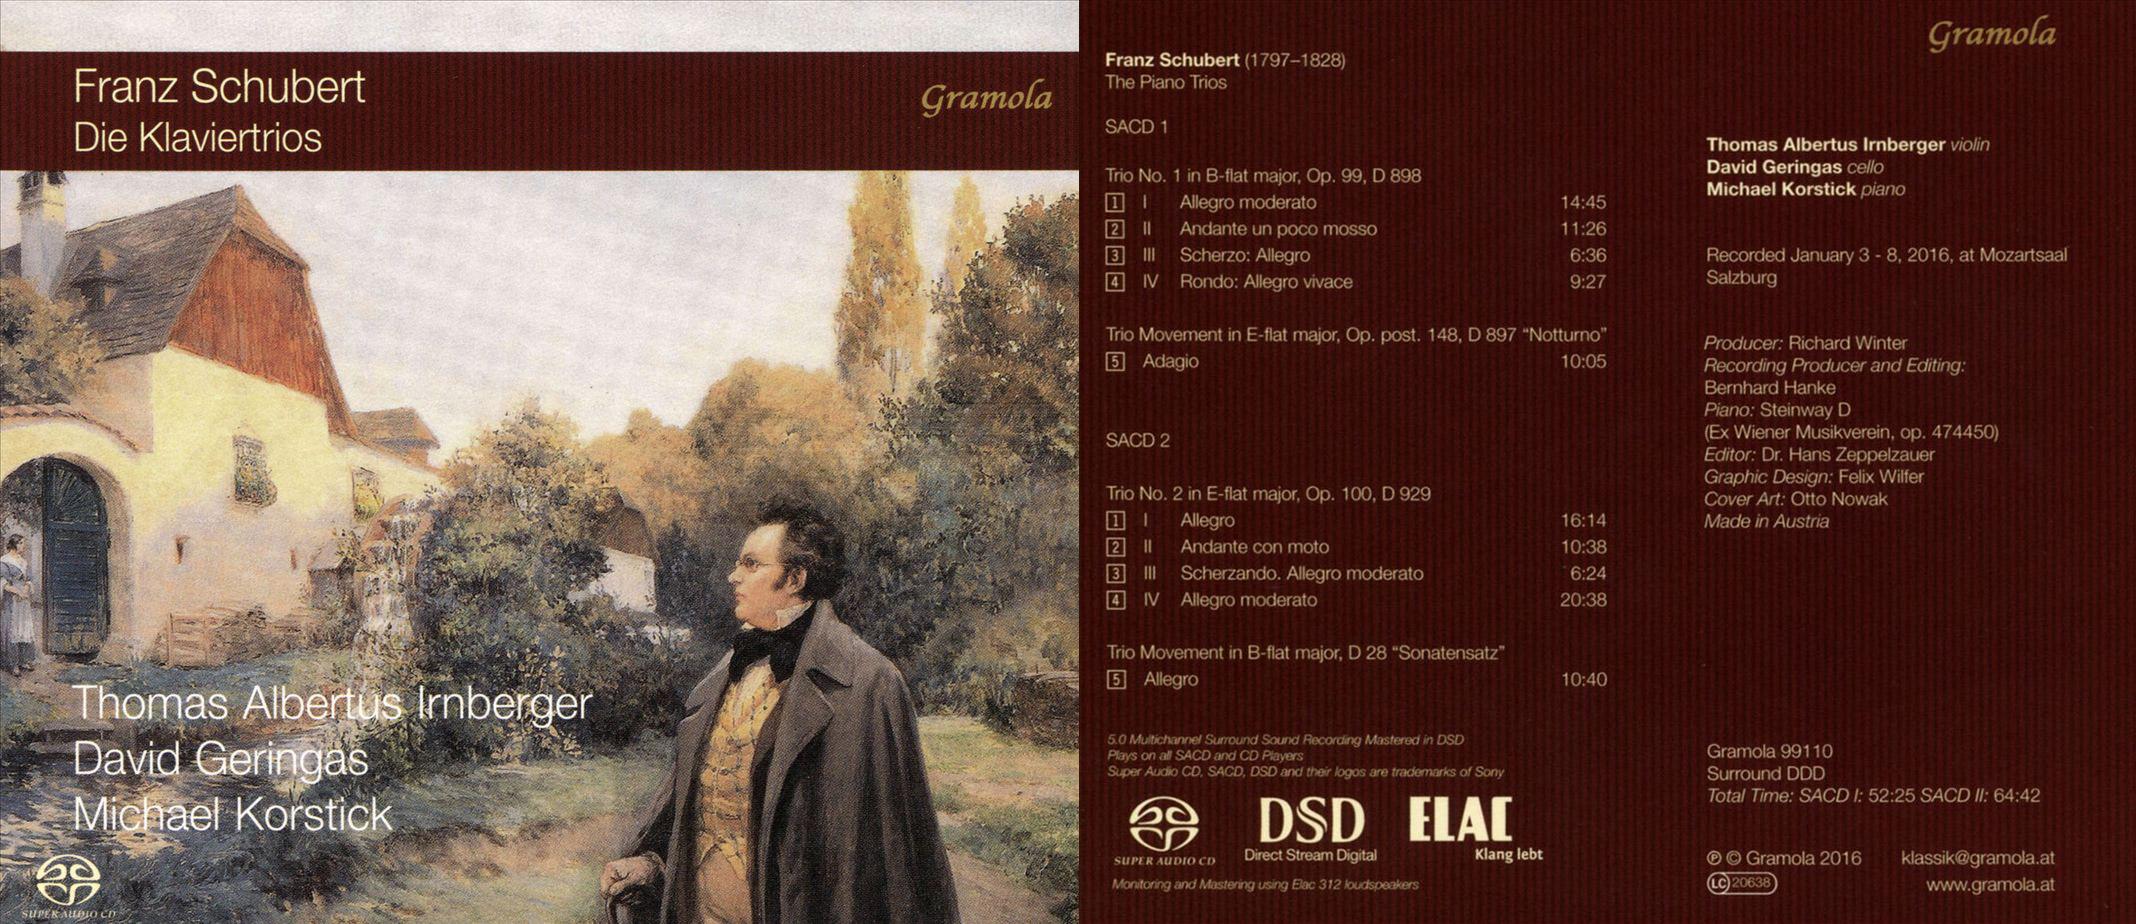 Gramola | Franz Schubert: Die Klaviertrios